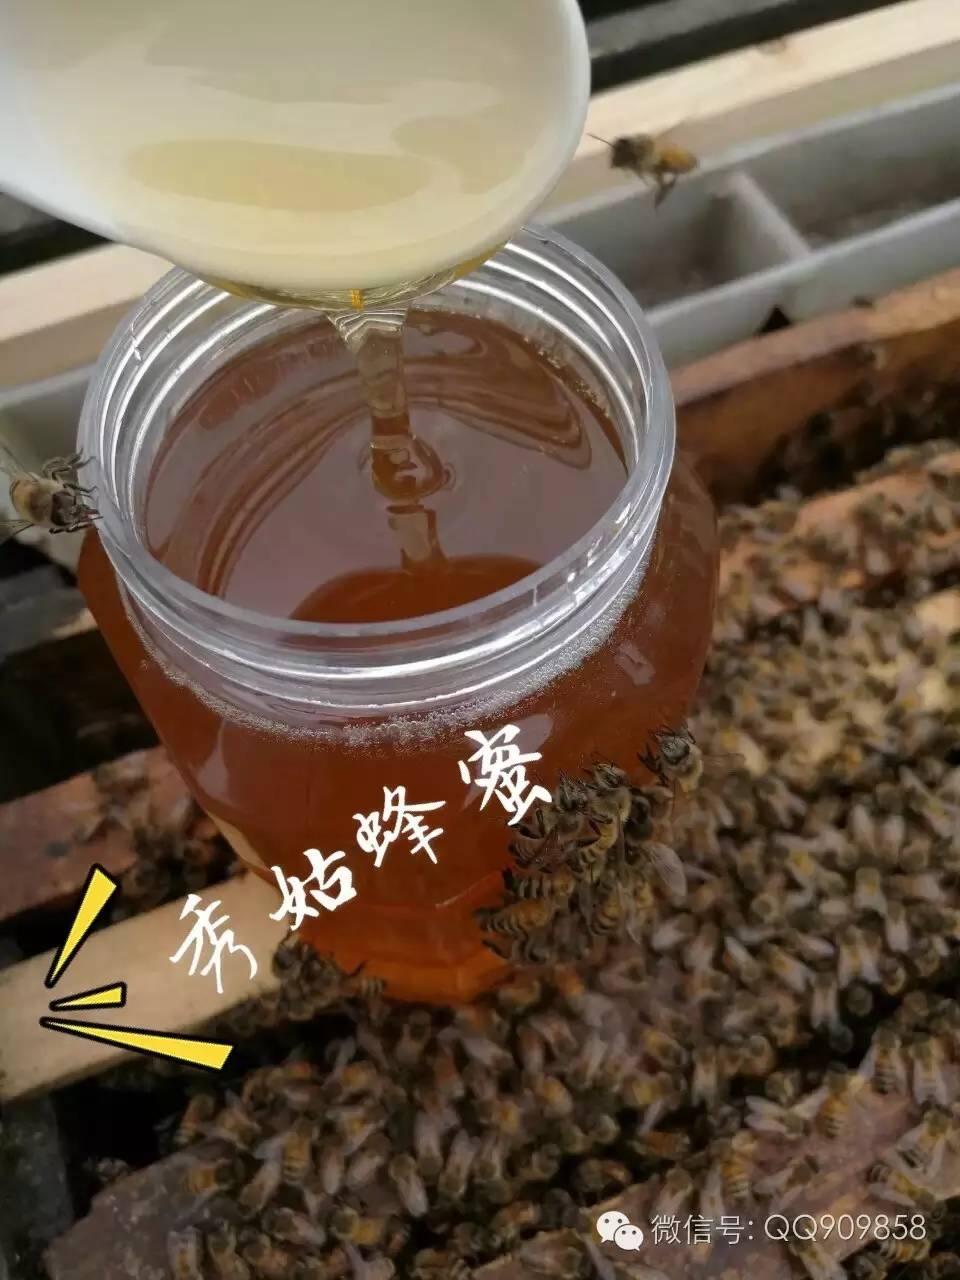 酶 蜂蜜哪里产的好 蜂蜜香蕉 蜂蜜罐 病虫害